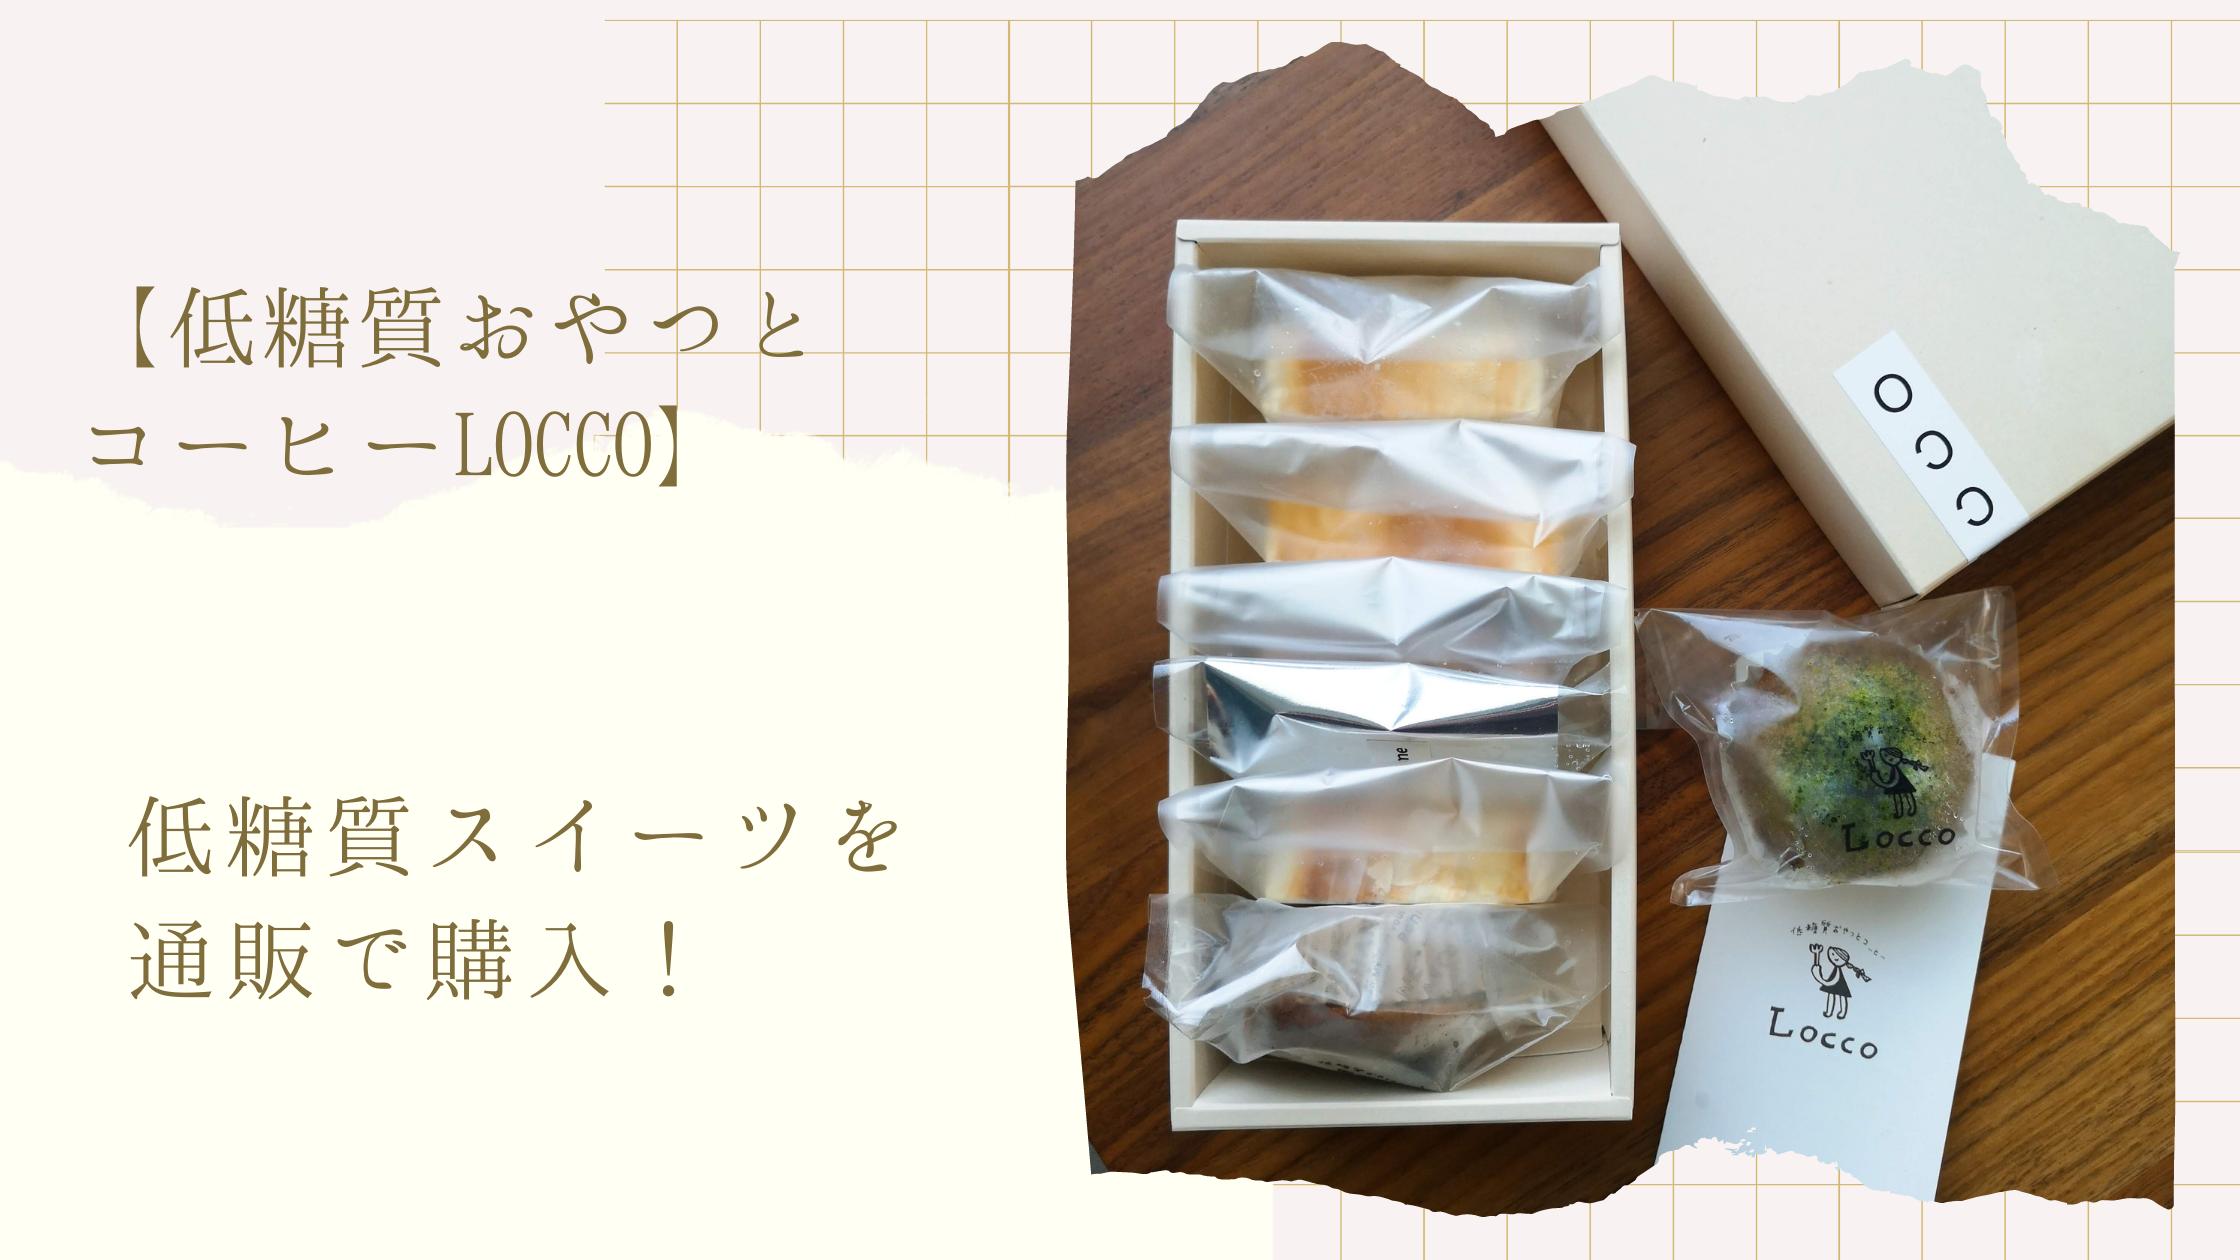 静岡【低糖質おやつとコーヒーLocco(ロッコ)】の低糖質スイーツを通販で購入